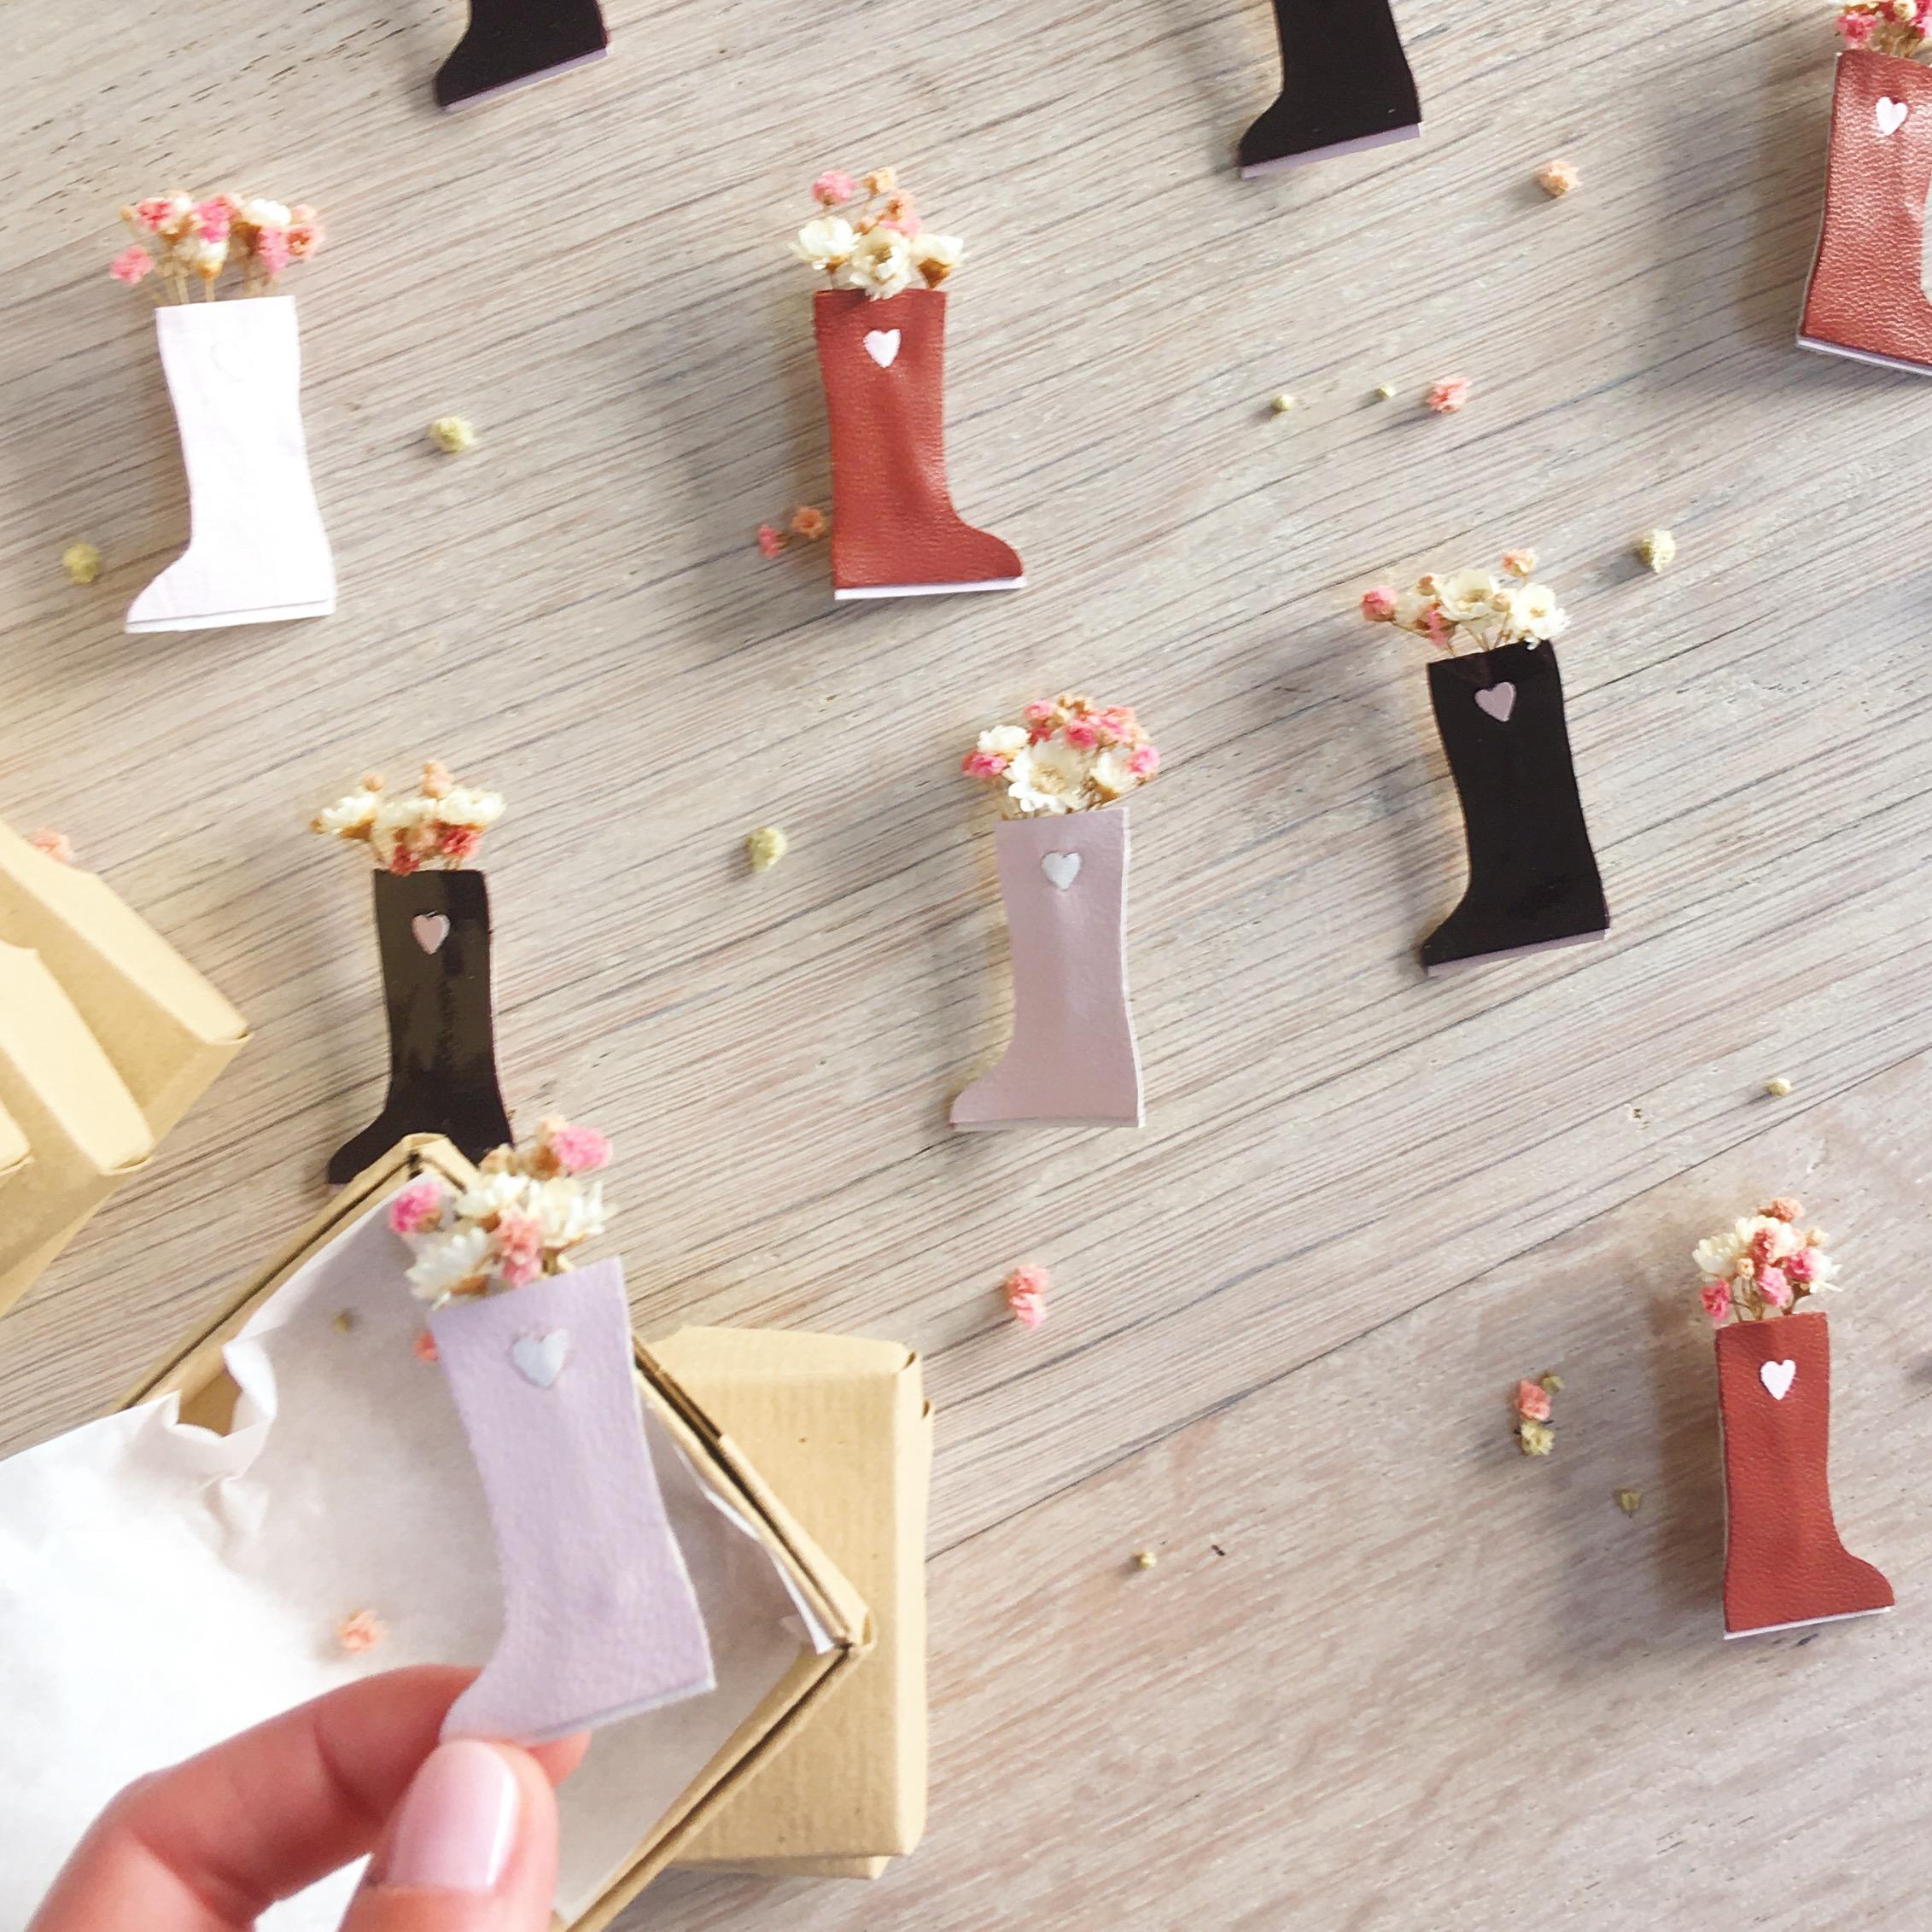 broche botte de pluie en cuir découpée main avec fleurs séchées fabrication artisanale française de bijou poétique - du vent dans mes valises